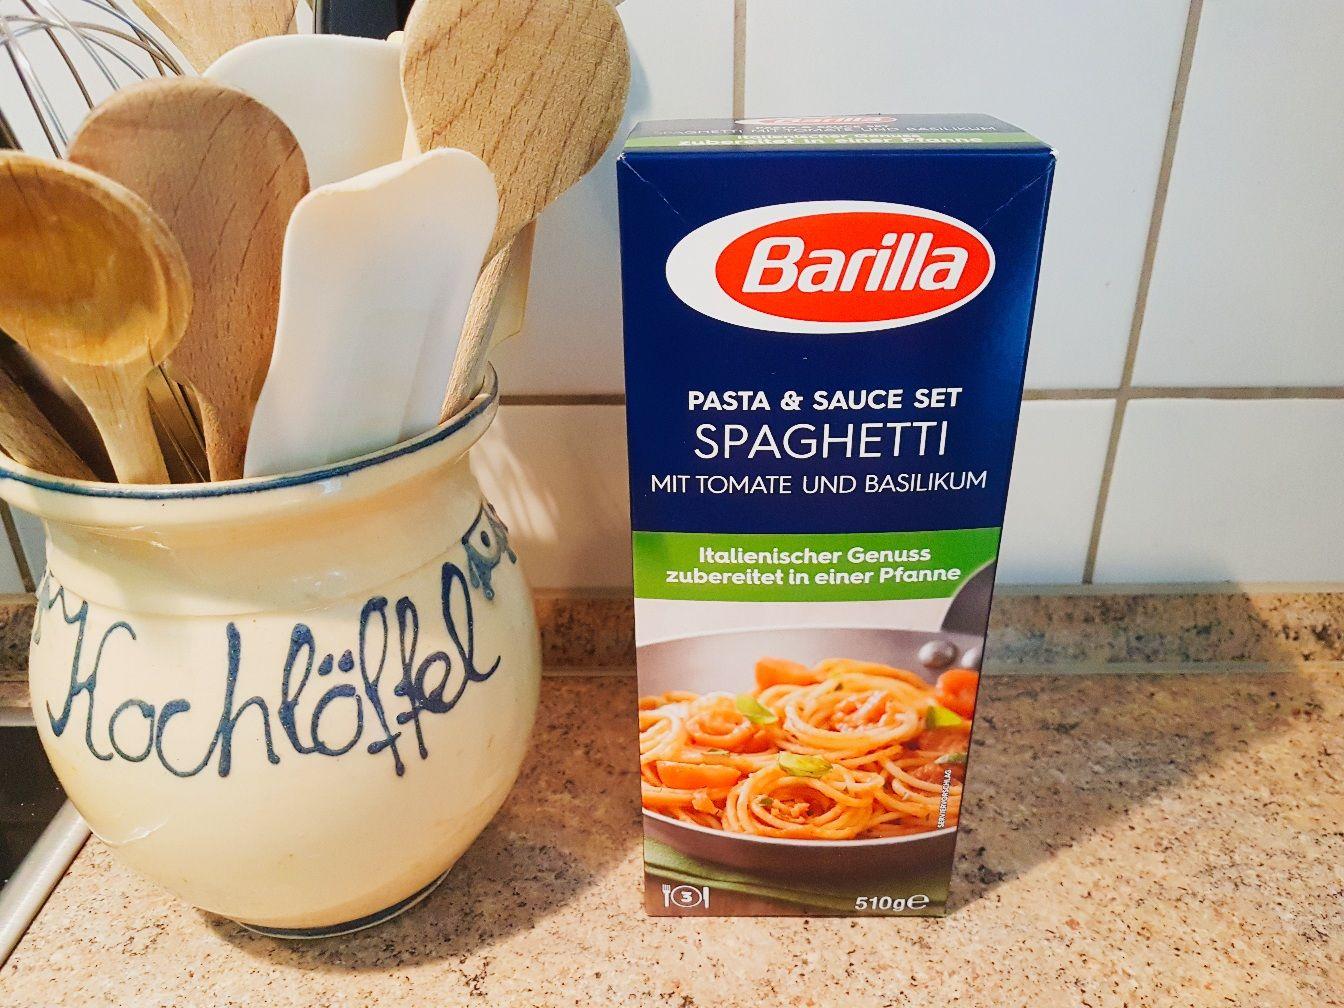 Barilla Pasta & Sauce Set Erfahrung